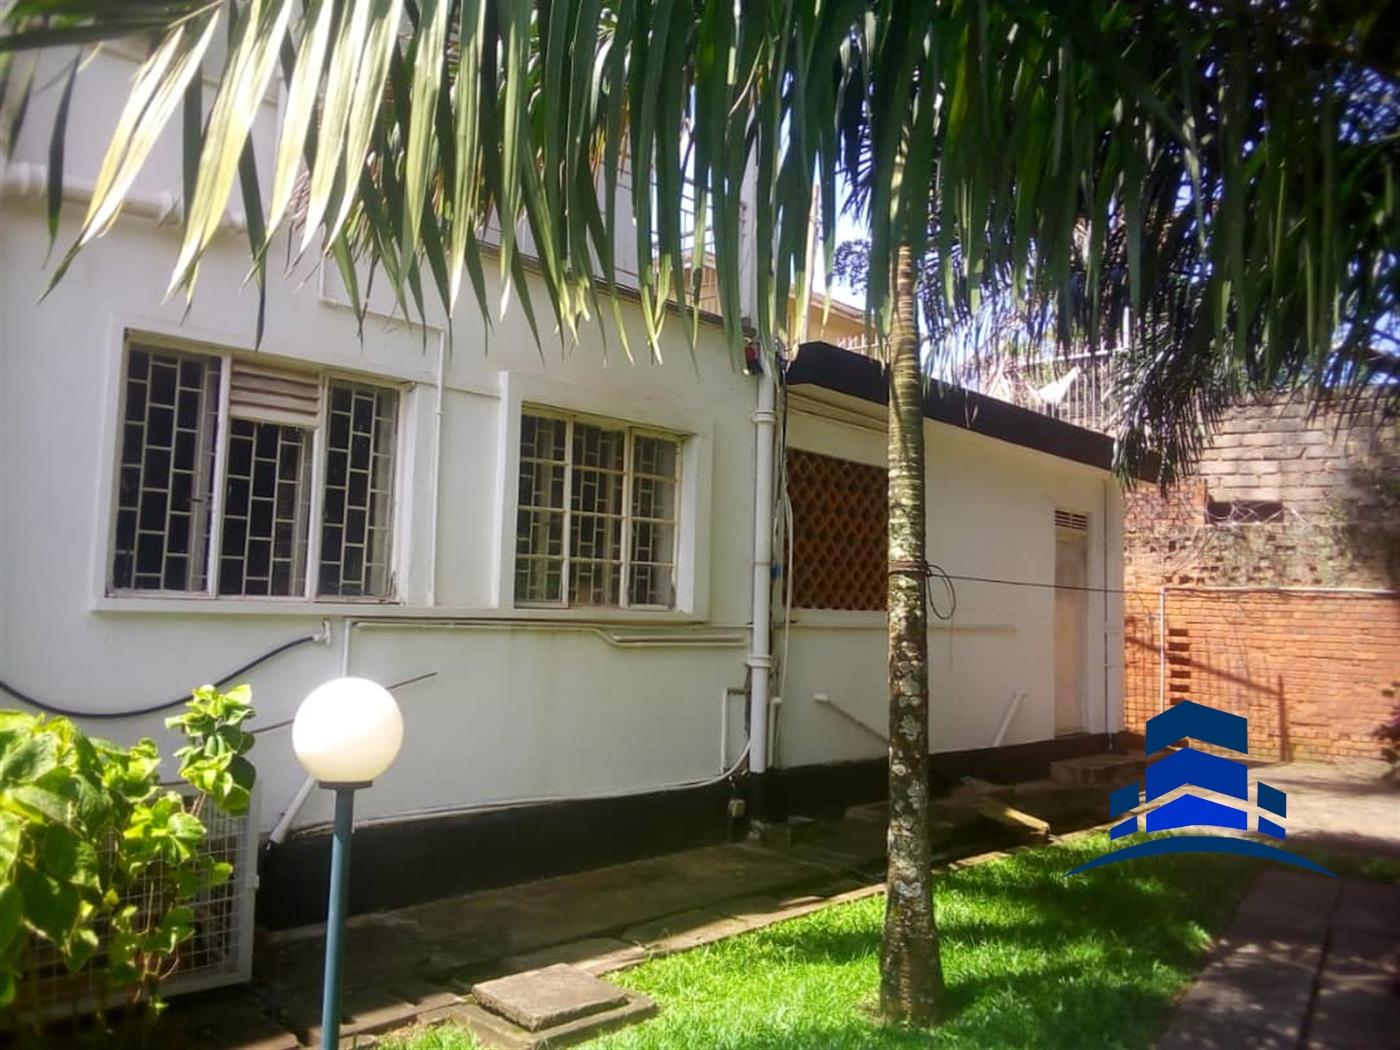 Duplex for rent in Kololo Kampala